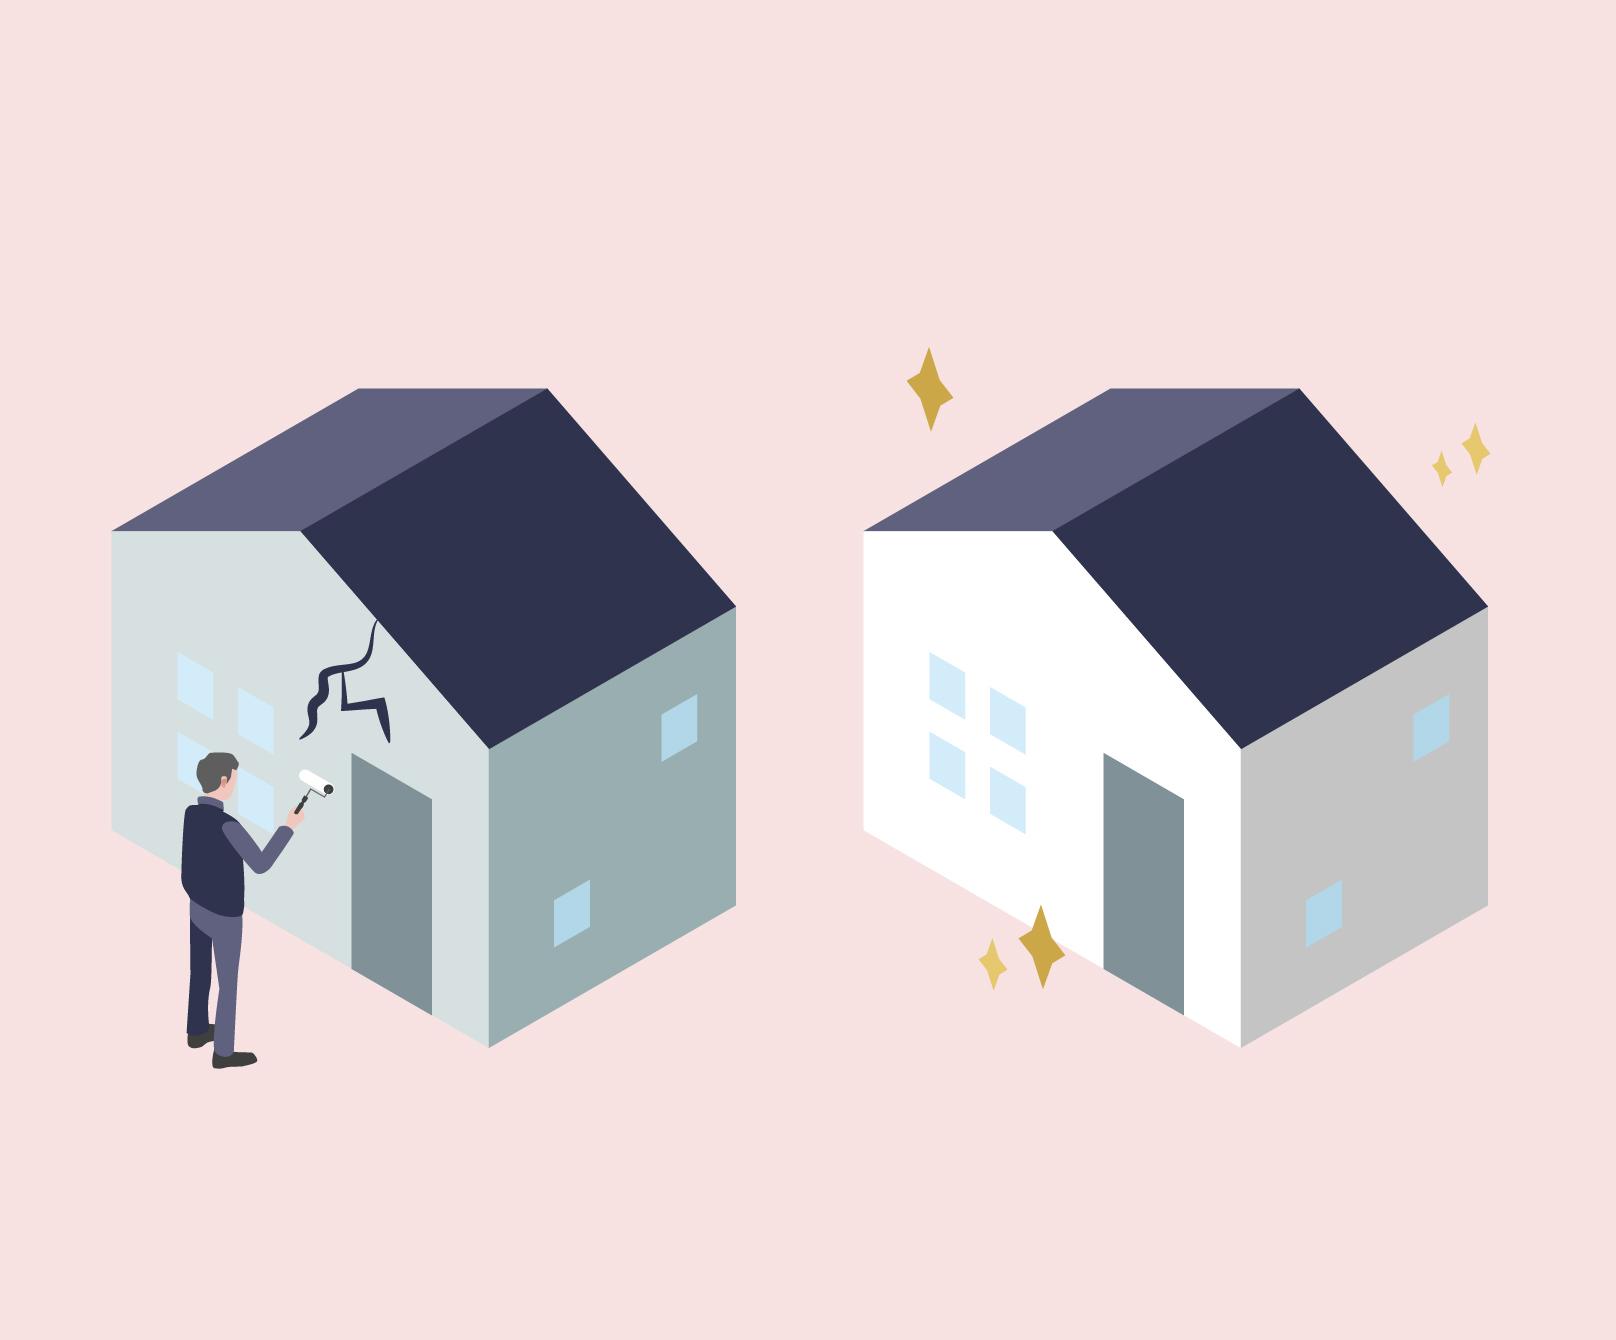 外壁工事|漏水トラブルや老朽化対策に